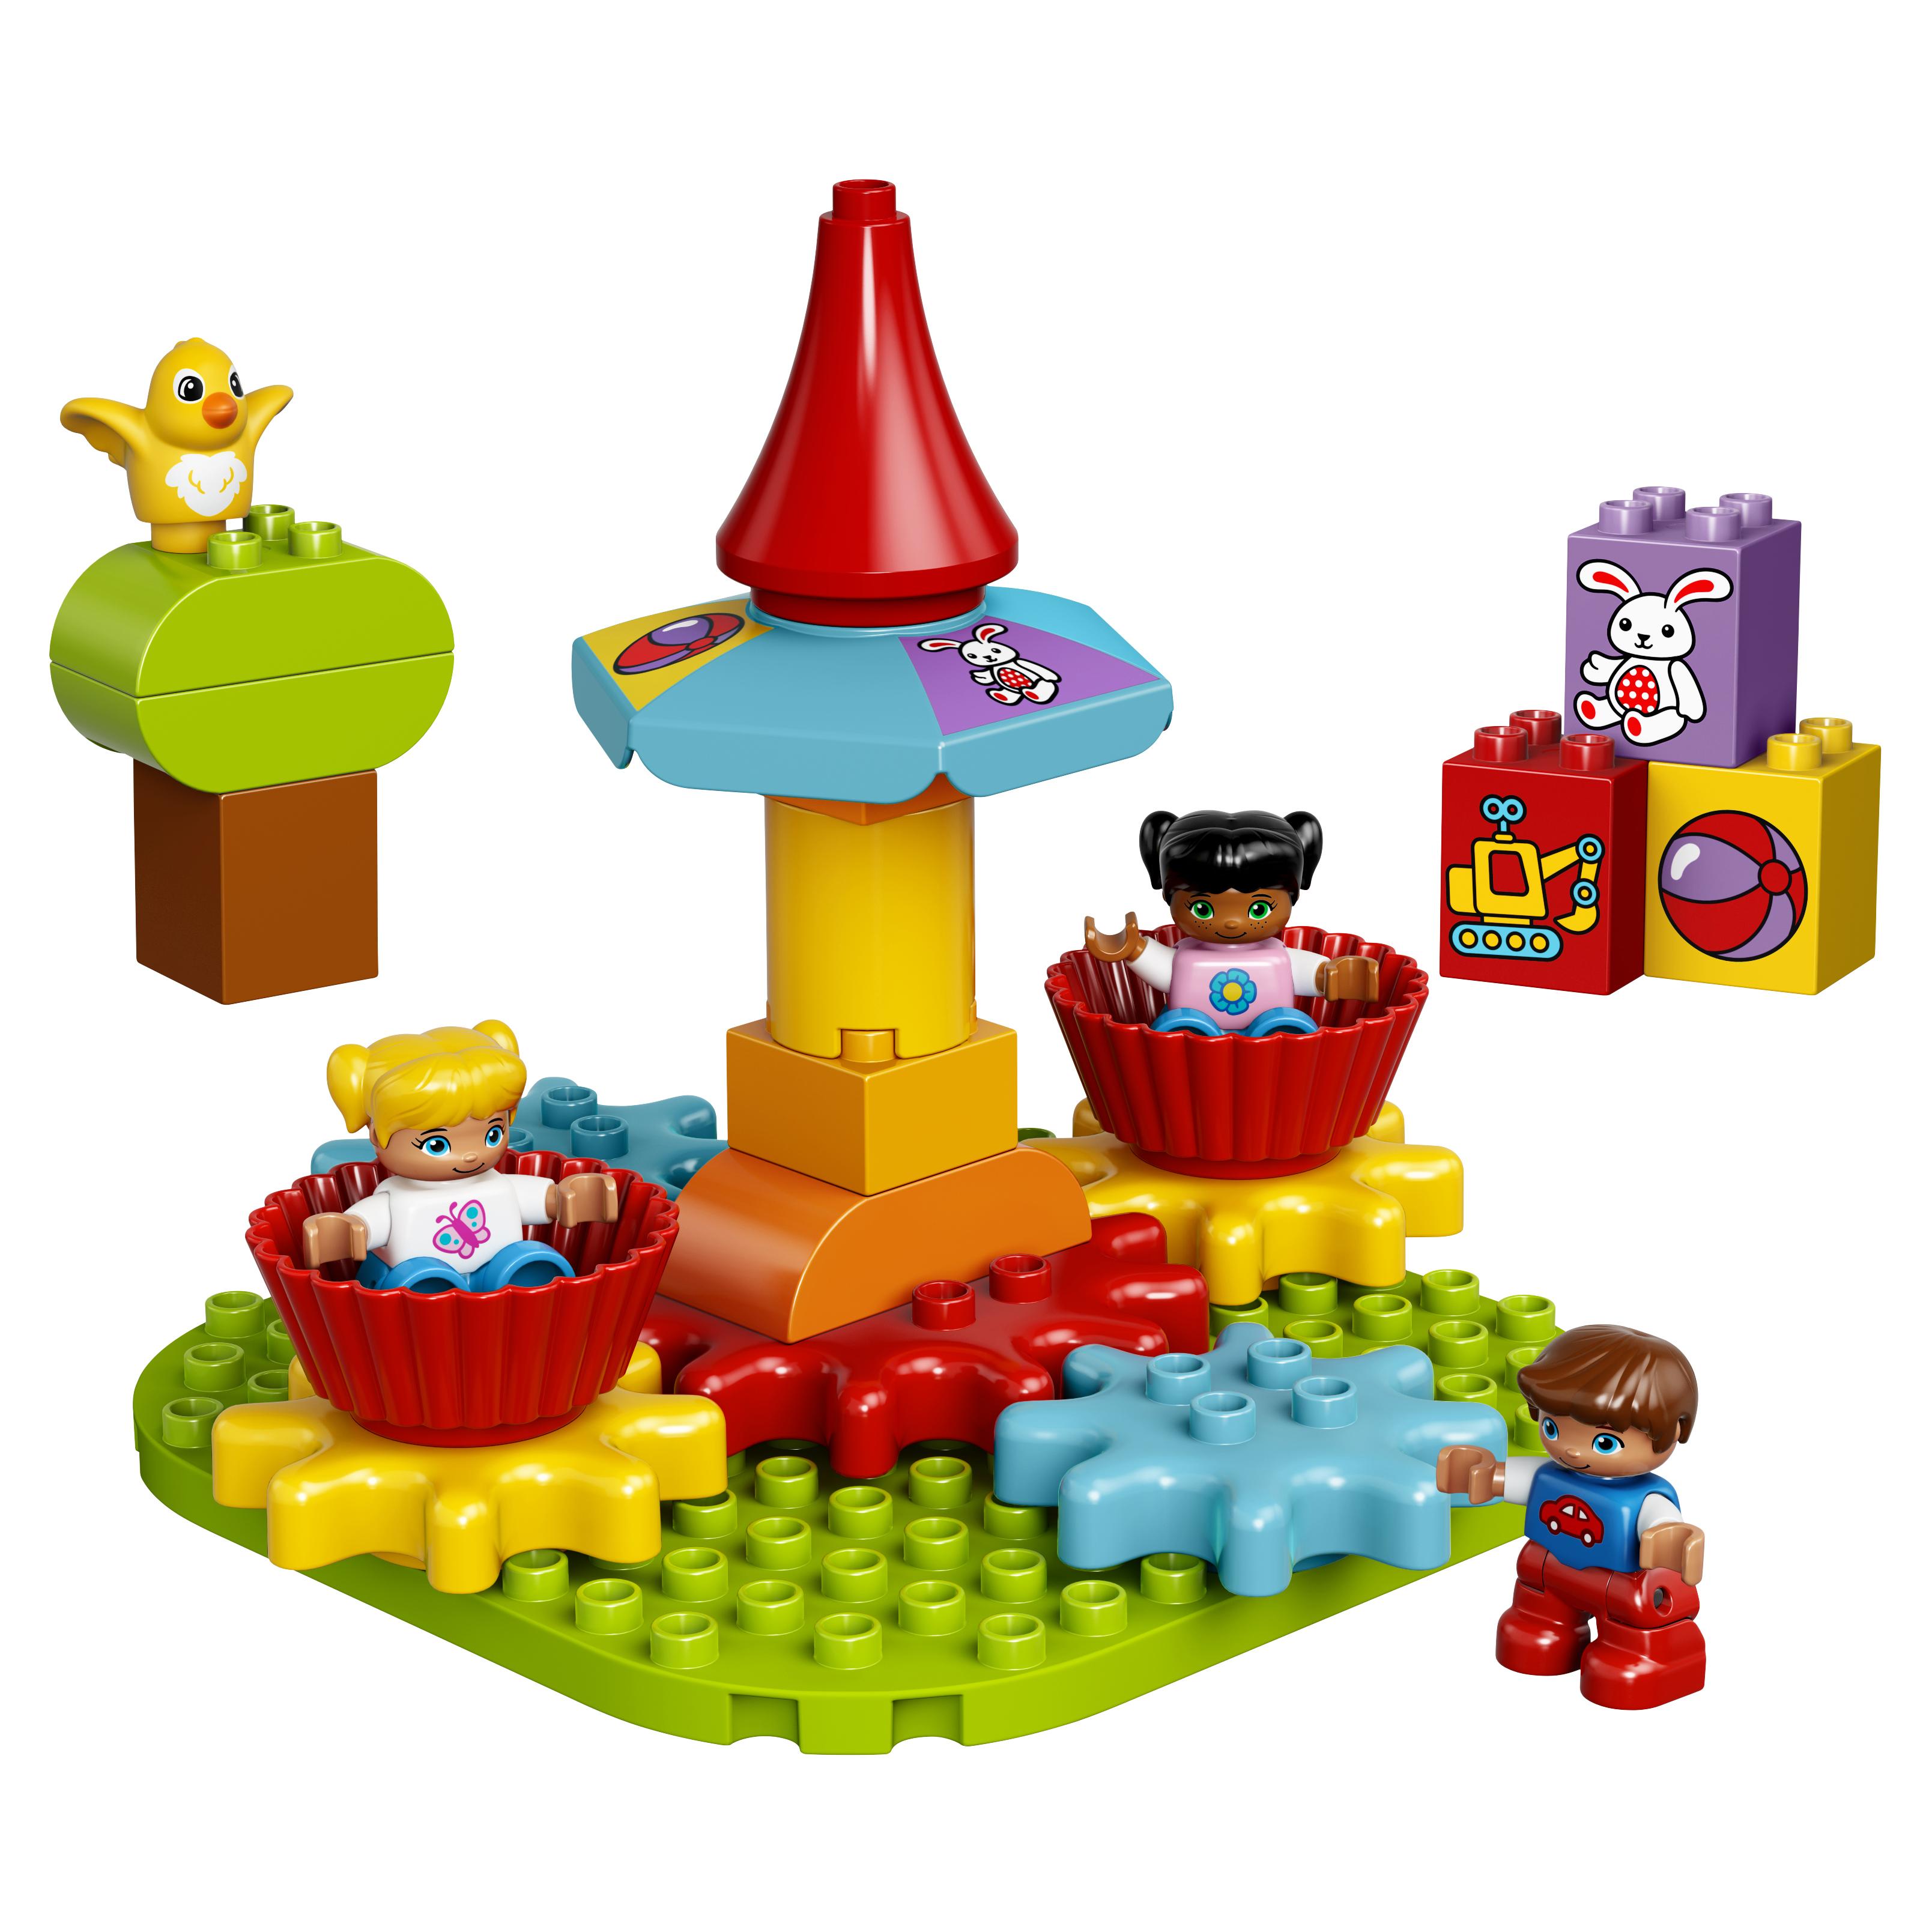 Купить Конструктор lego duplo my first моя первая карусель (10845), Конструктор LEGO Duplo My First Моя первая карусель (10845), LEGO Duplo для девочек